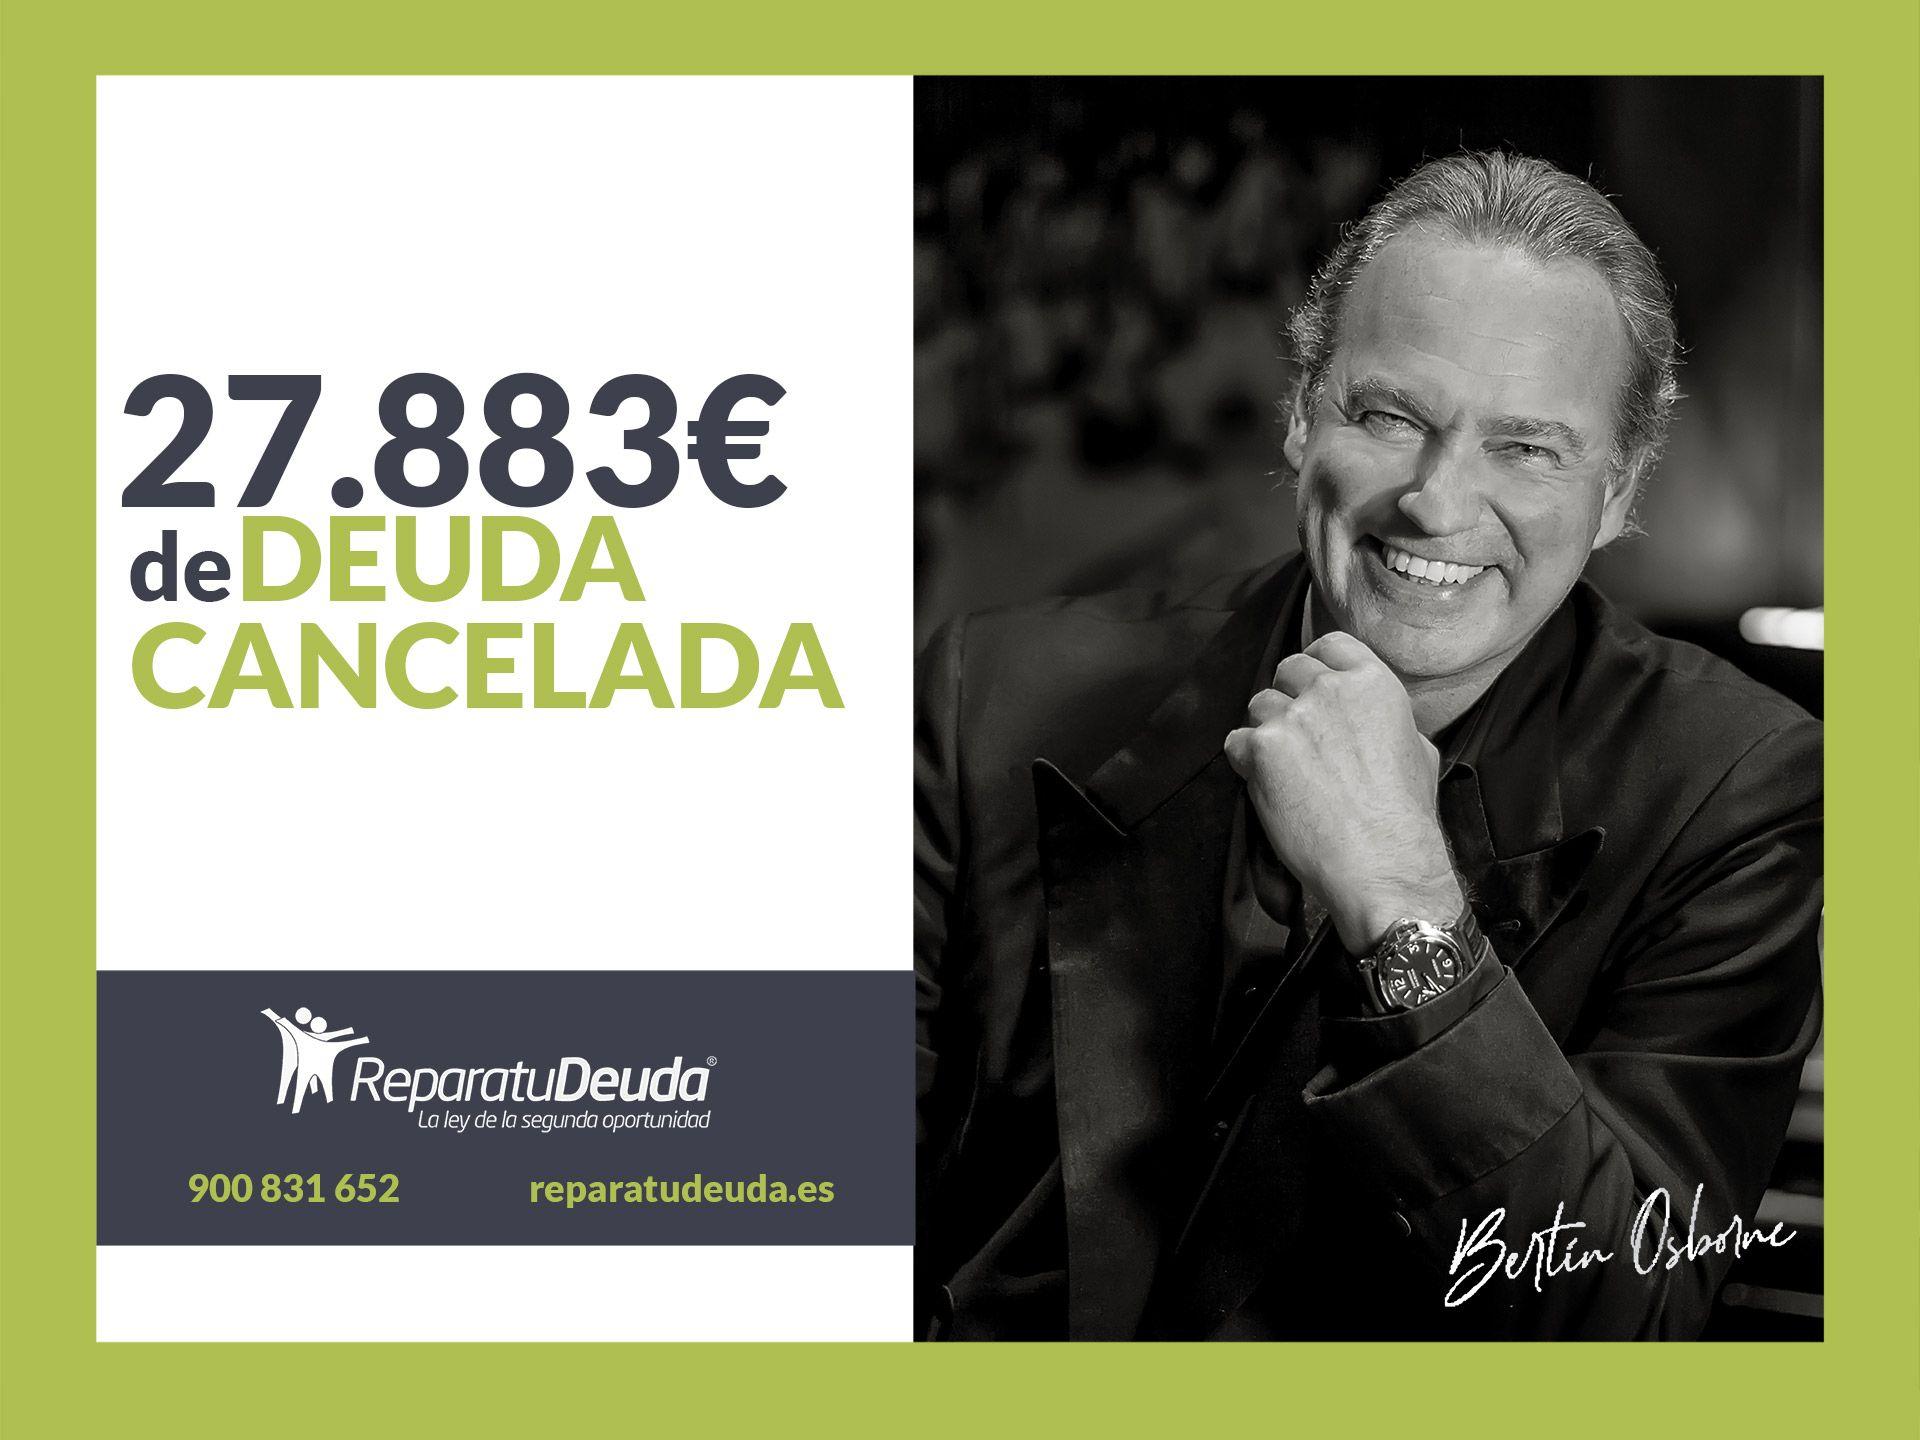 Repara tu Deuda Abogados cancela 27.883? en Elche (Alicante) con la Ley de Segunda Oportunidad